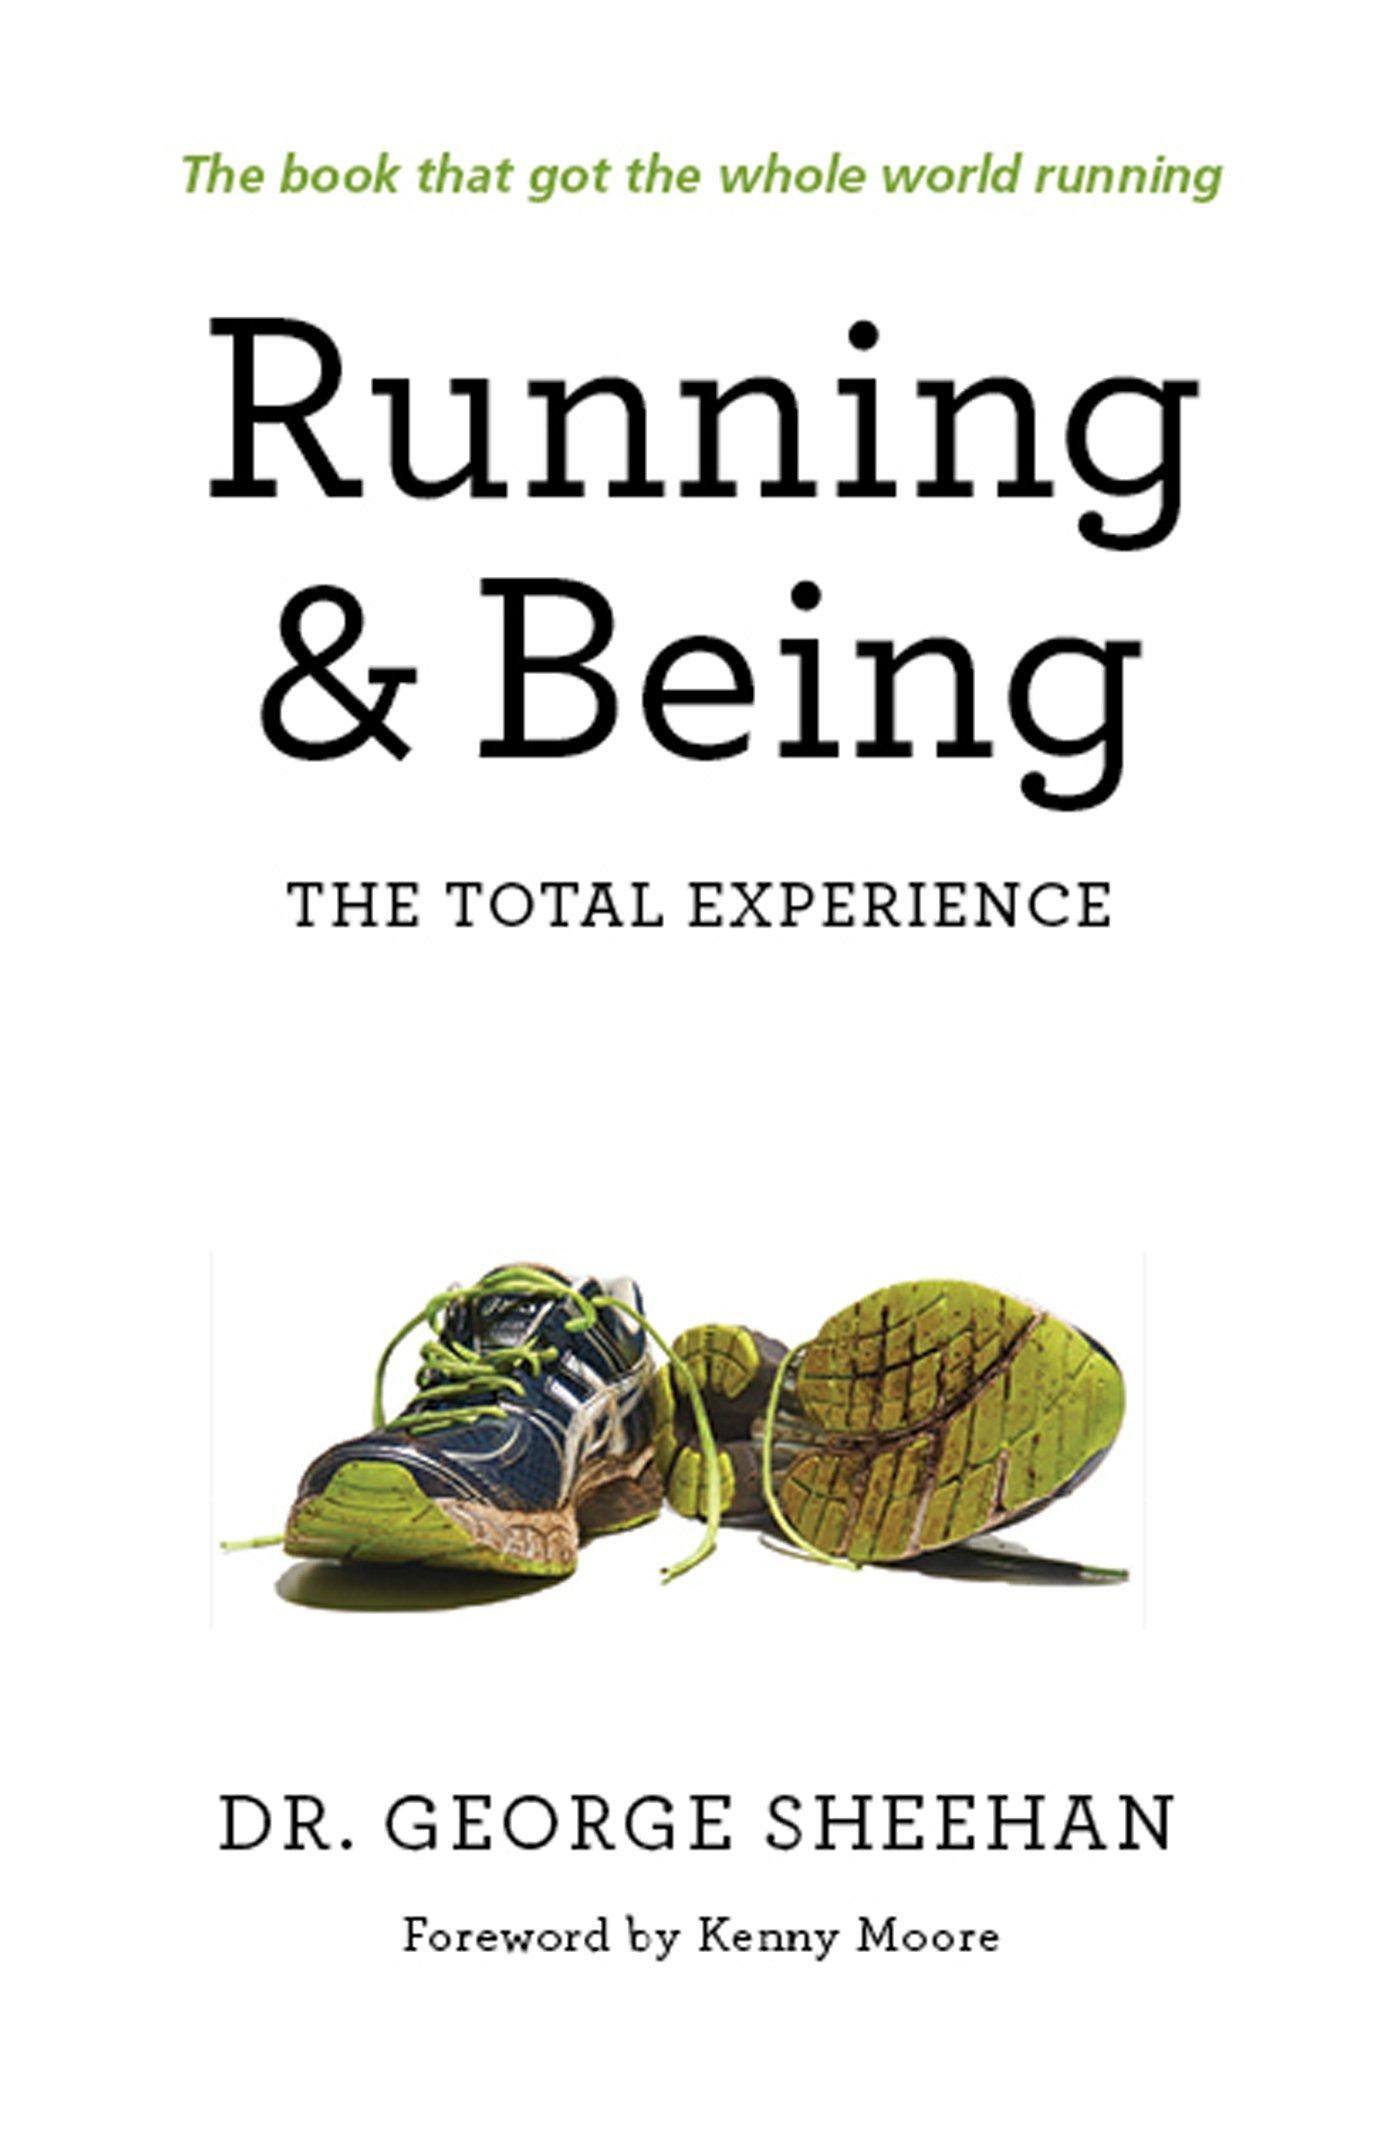 Running & Being